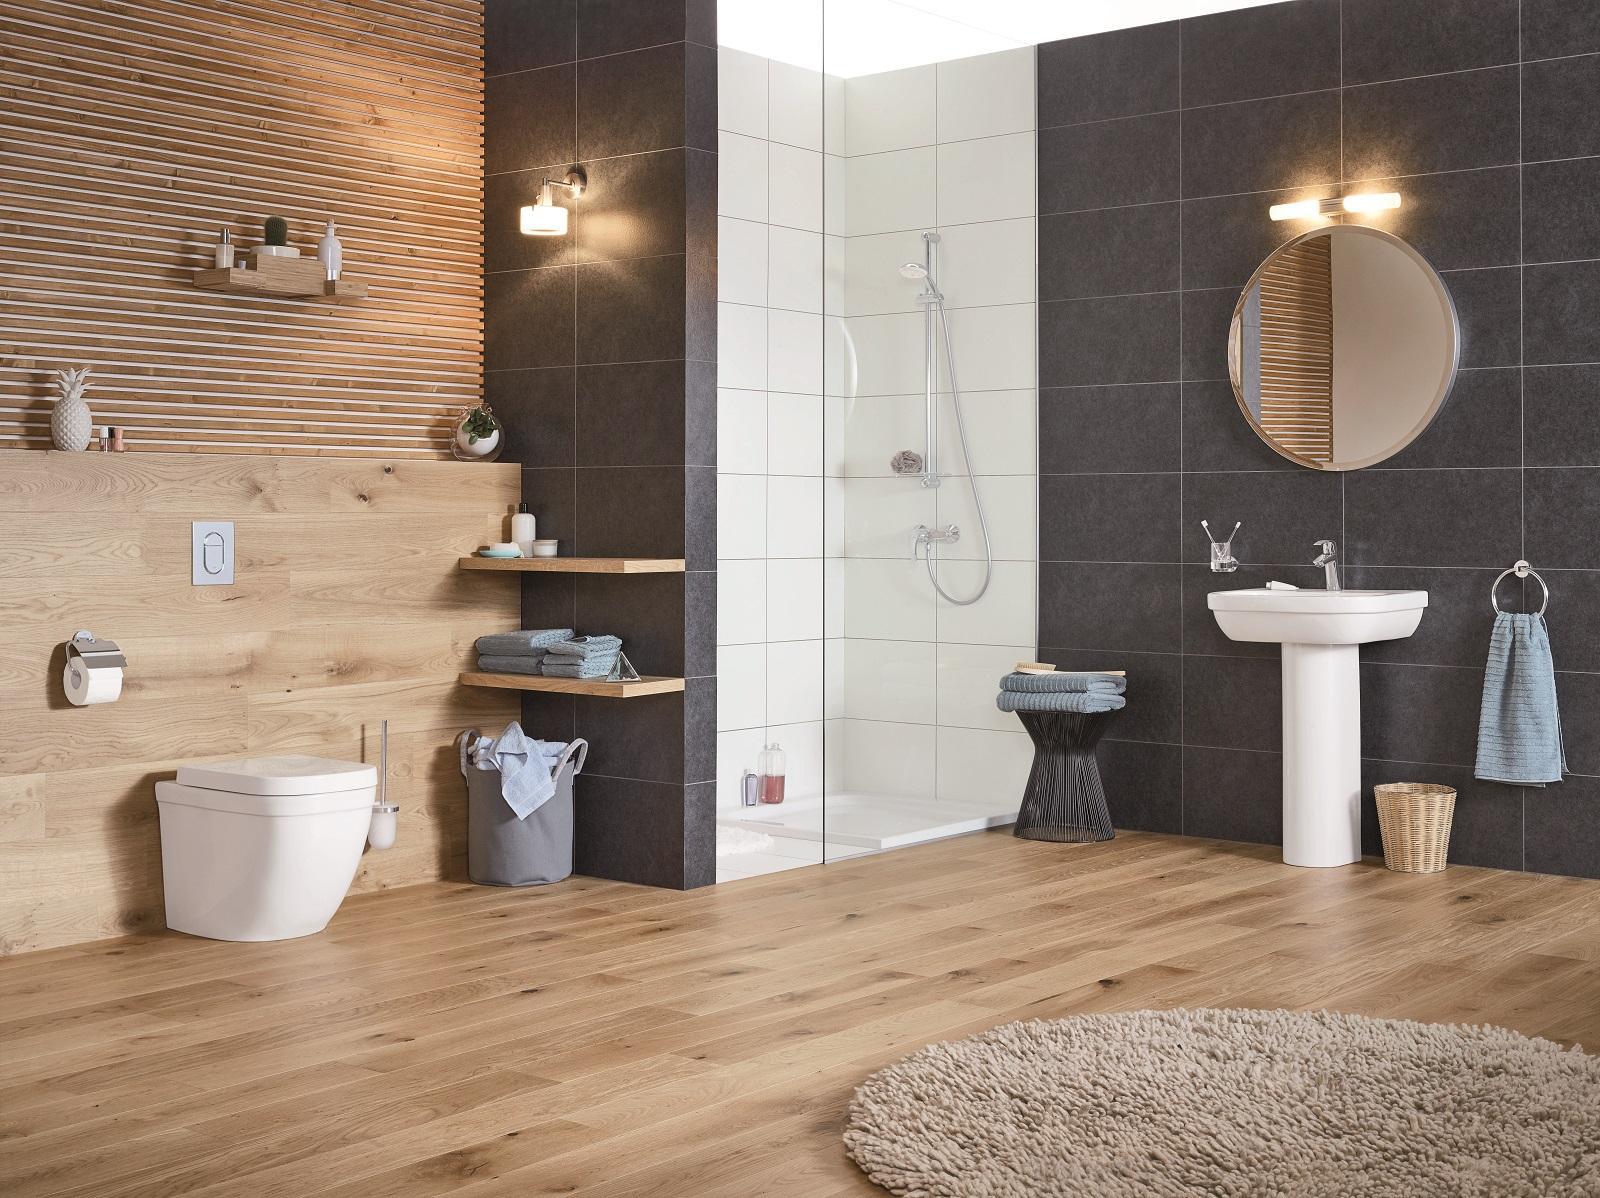 Bagno In Camera Senza Scarico : I moderni vasi senza brida hanno conquistato il bagno.